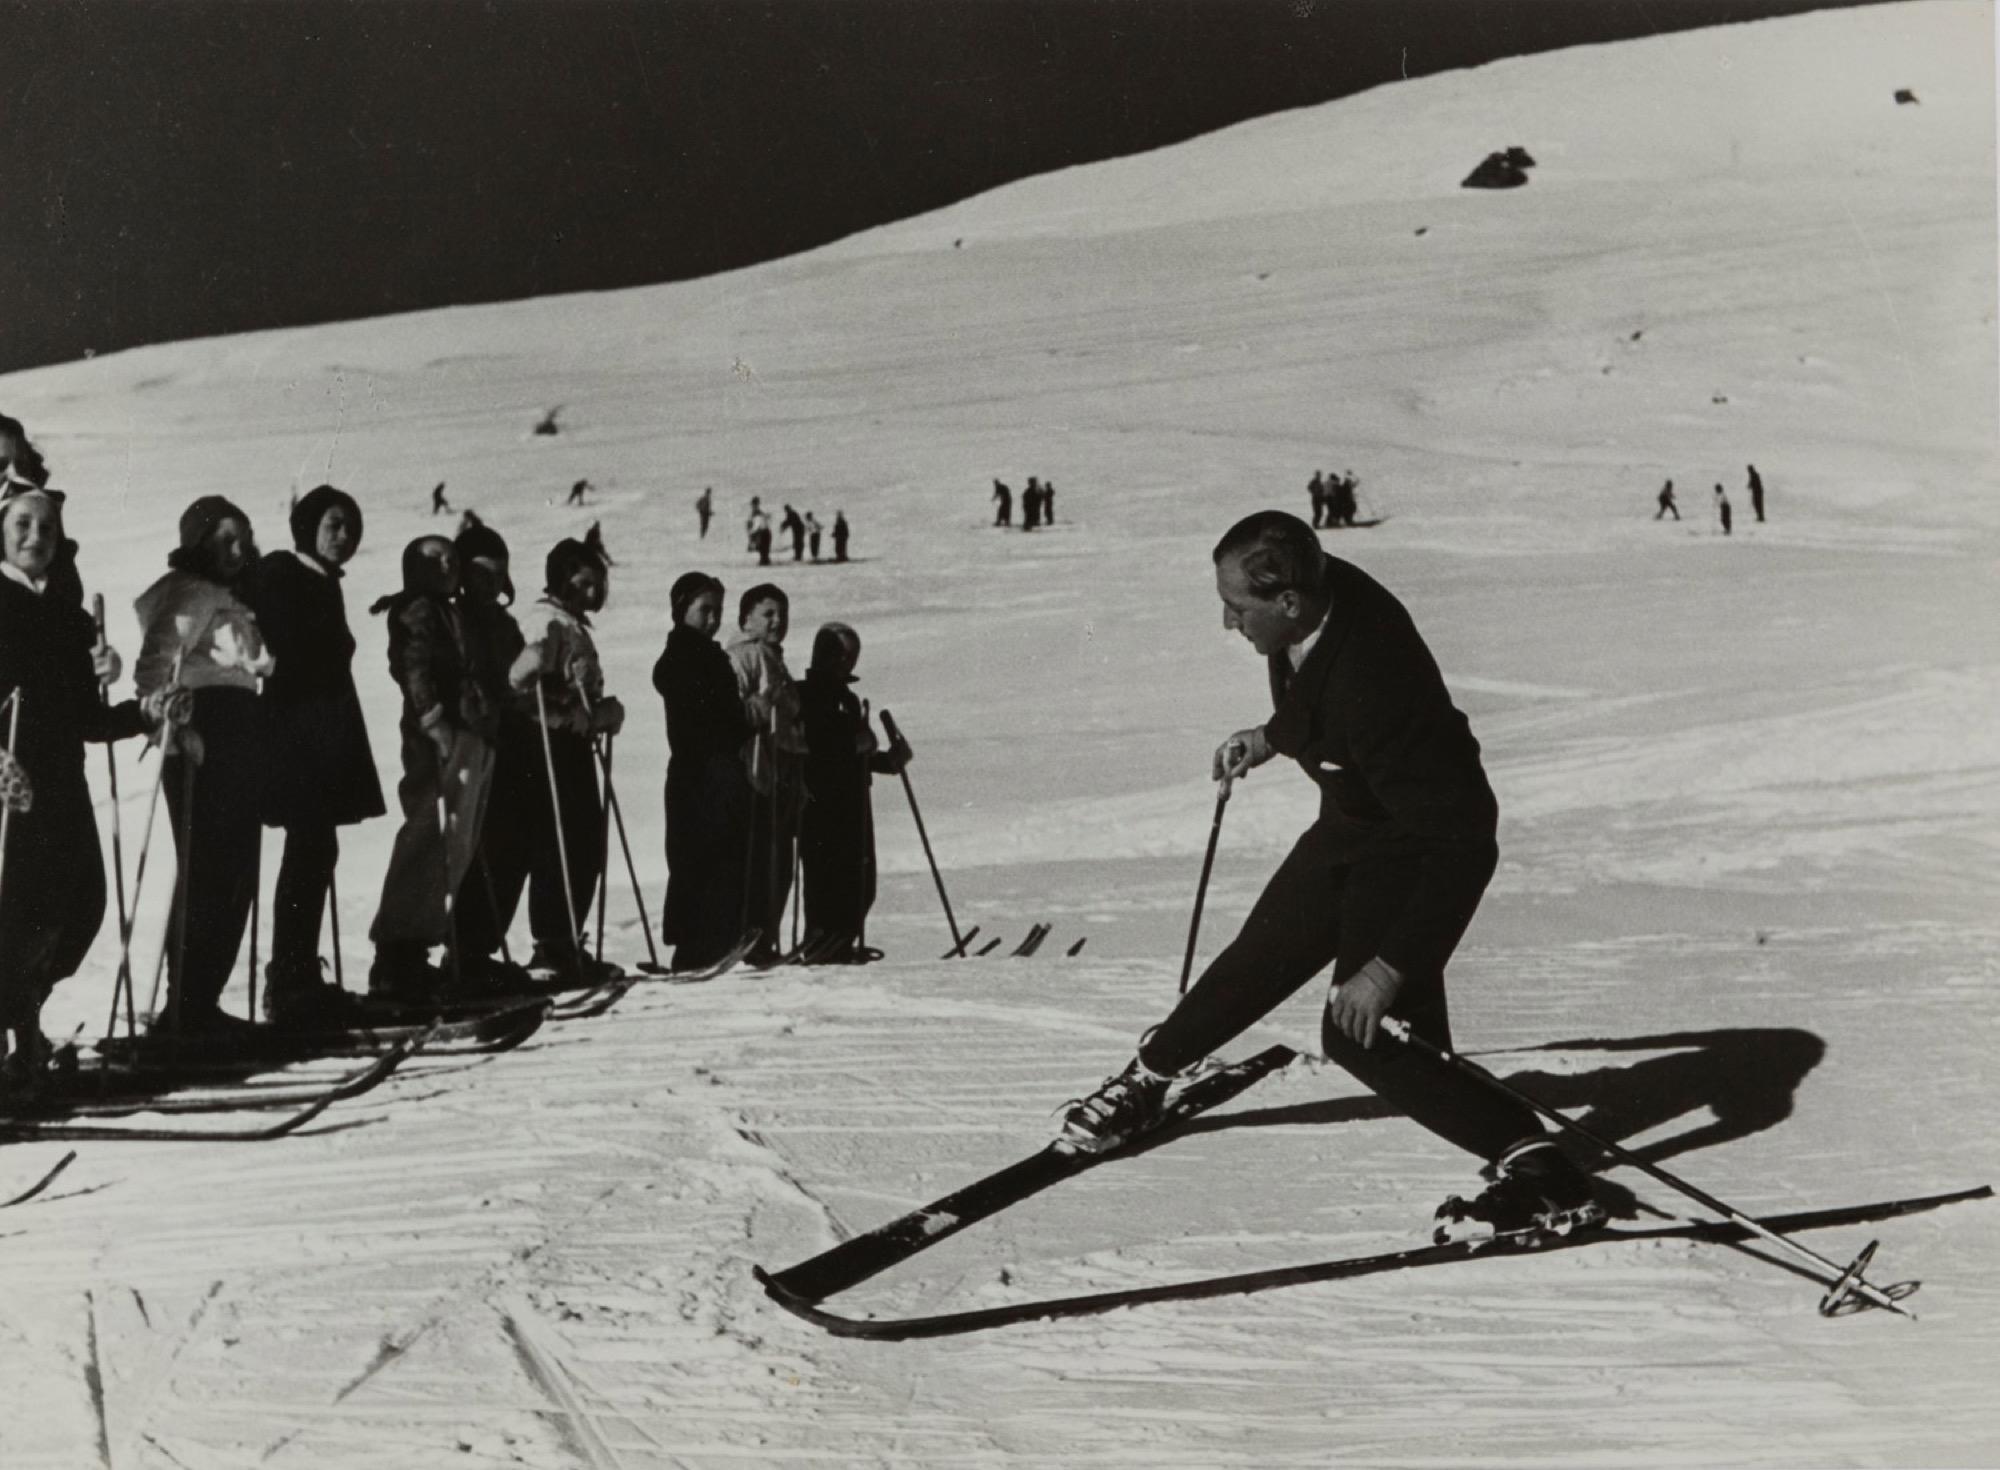 Riccardo Moncalvo (1915-2008) - Mountain, years 1940 - Vintage gelatin silver print [...]